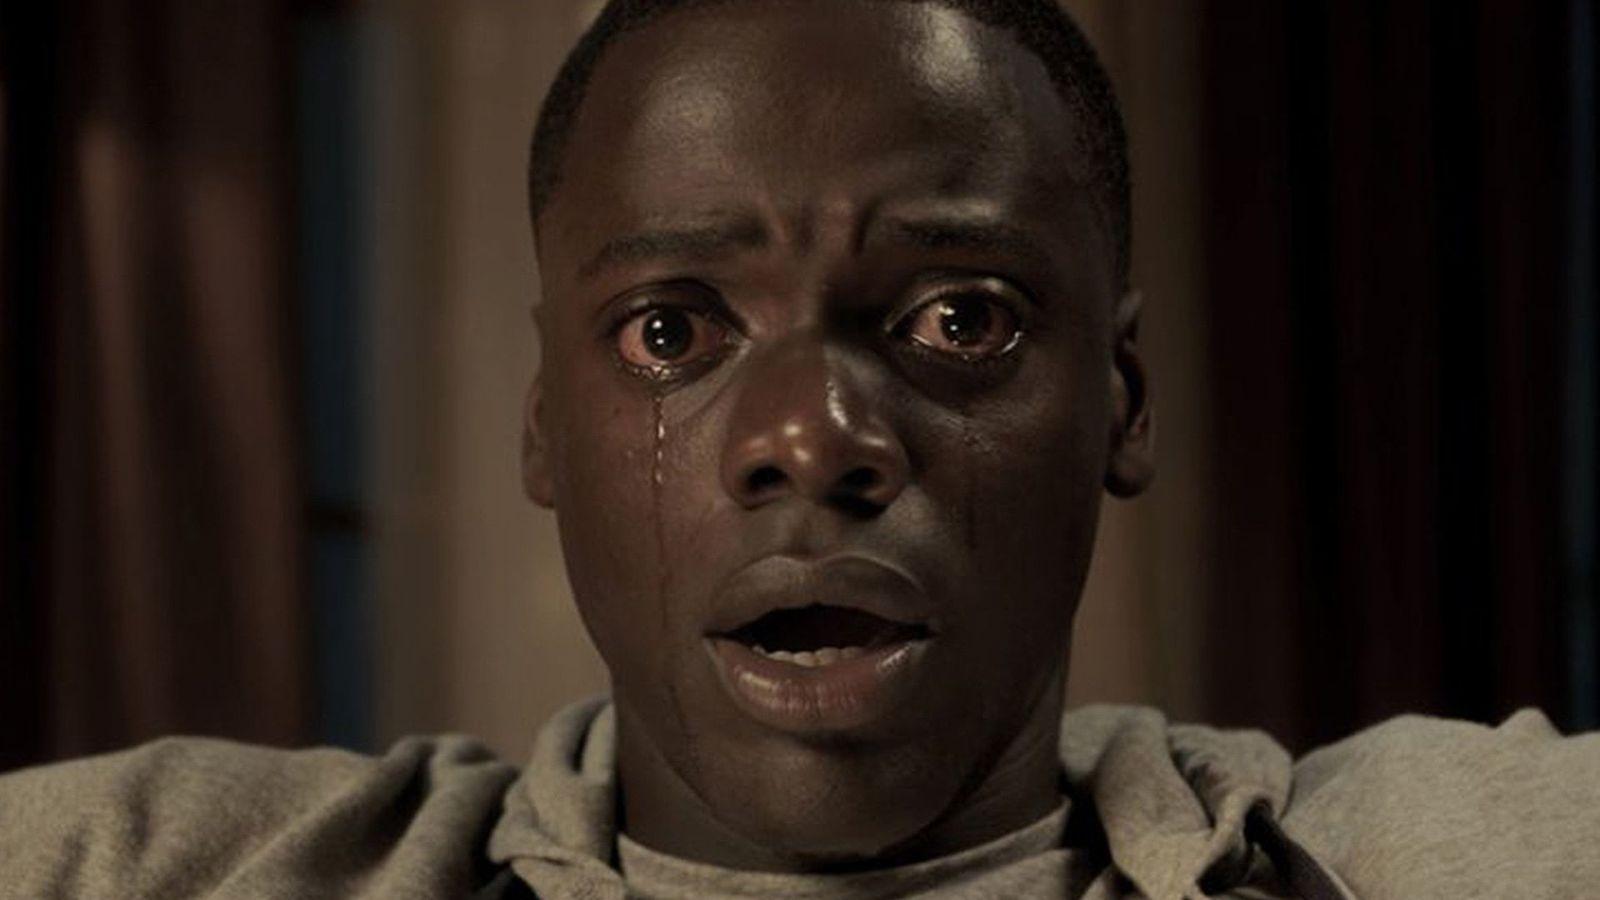 Лучшие фильмы 2017 года — Бегущий по лезвию 2049 — Отвратительные мужики Disgusting Men — 2017 Best Movies